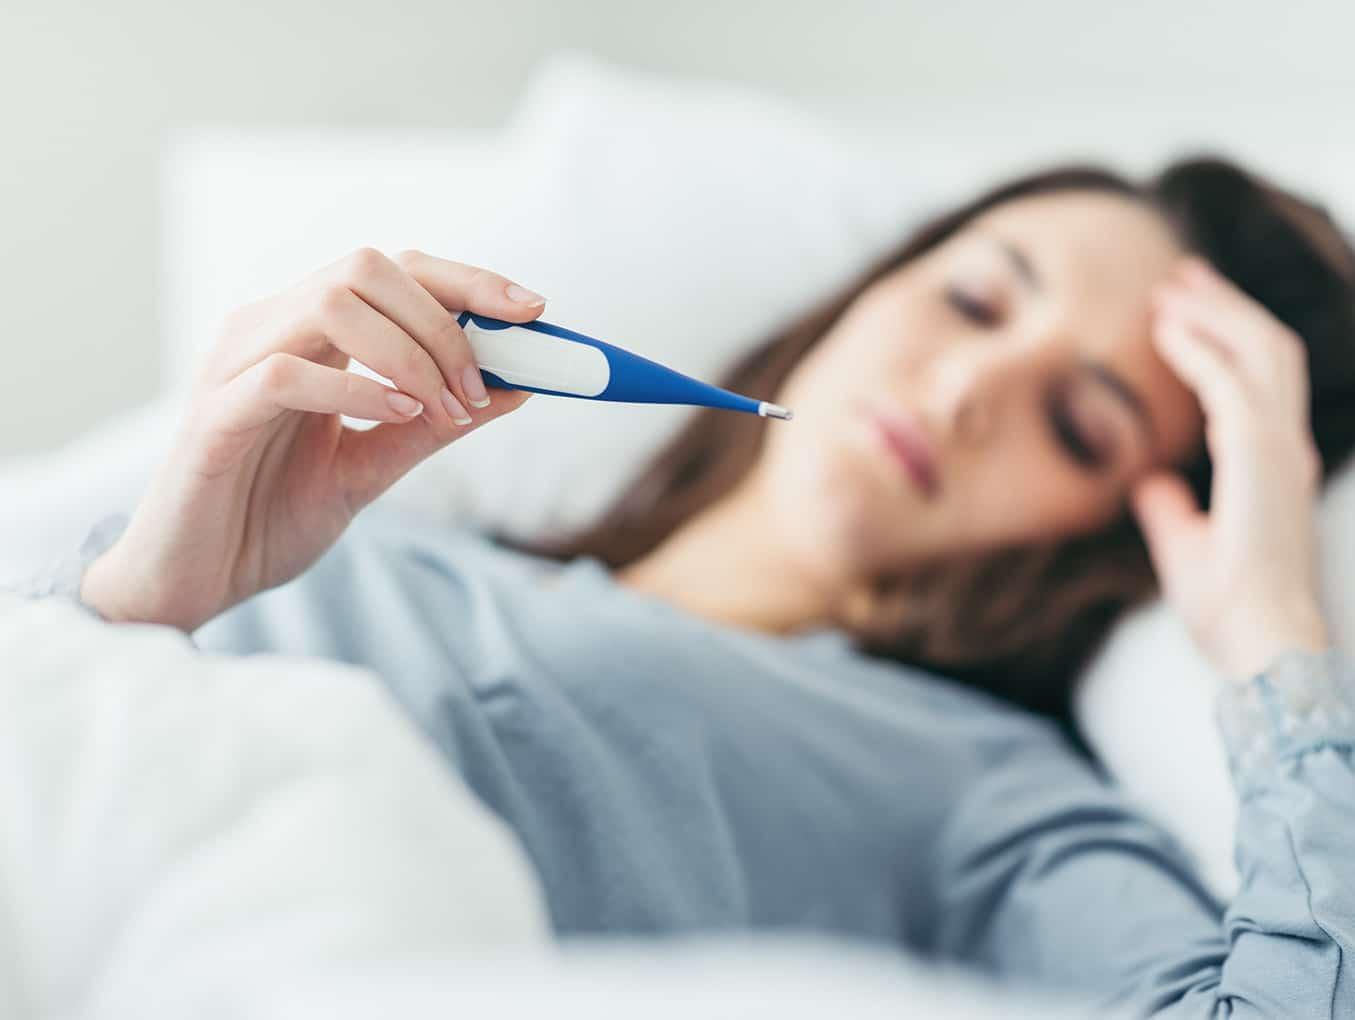 Como se controla uma pandemia? Contando as camas ainda vagas numa UTI?